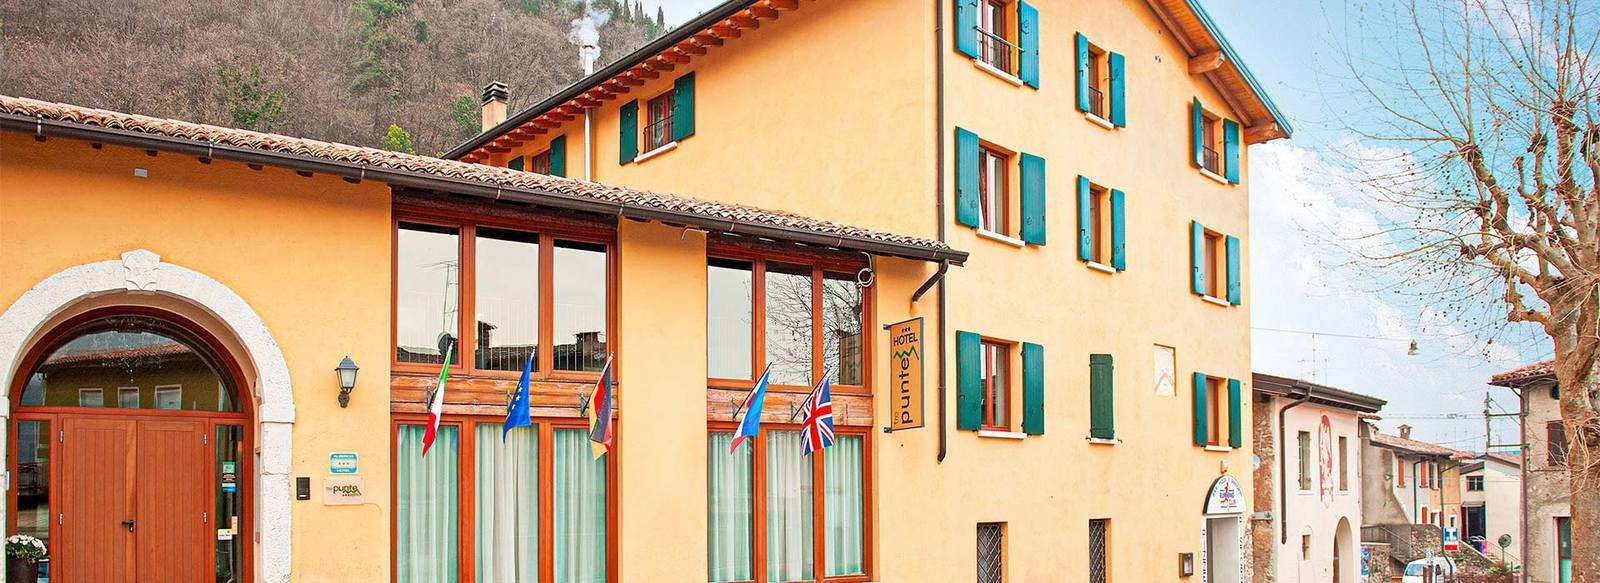 Hotel 3* immerso nel verde delle colline circostanti il Lago di Garda